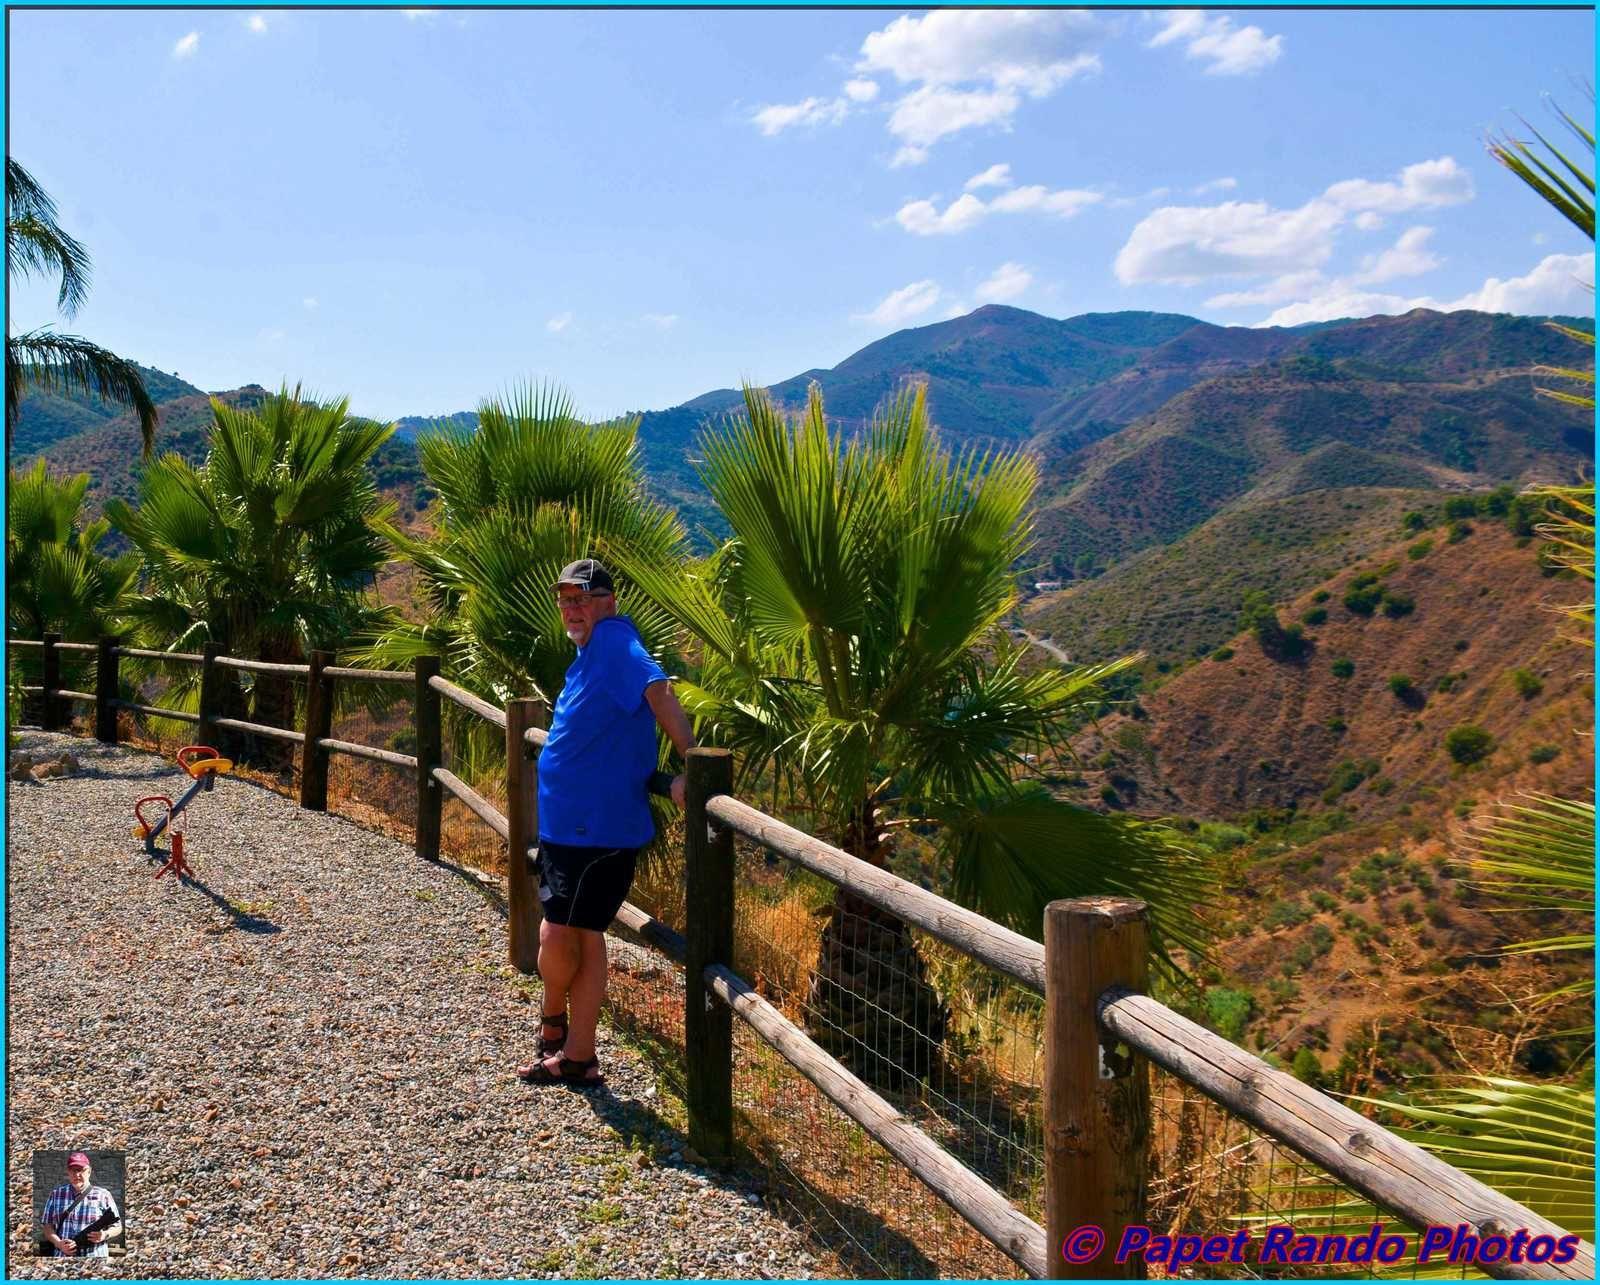 4 jours en montagne,  4 km de Monda ( 4 km de chemins de terre au denivelé important, )dans une nature intacte, avec des paysages d'ouf, personne au alentour, rien que des cigales, des lezards, des rapaces, juste un peu de luxe une petite piscine car chaud chaud